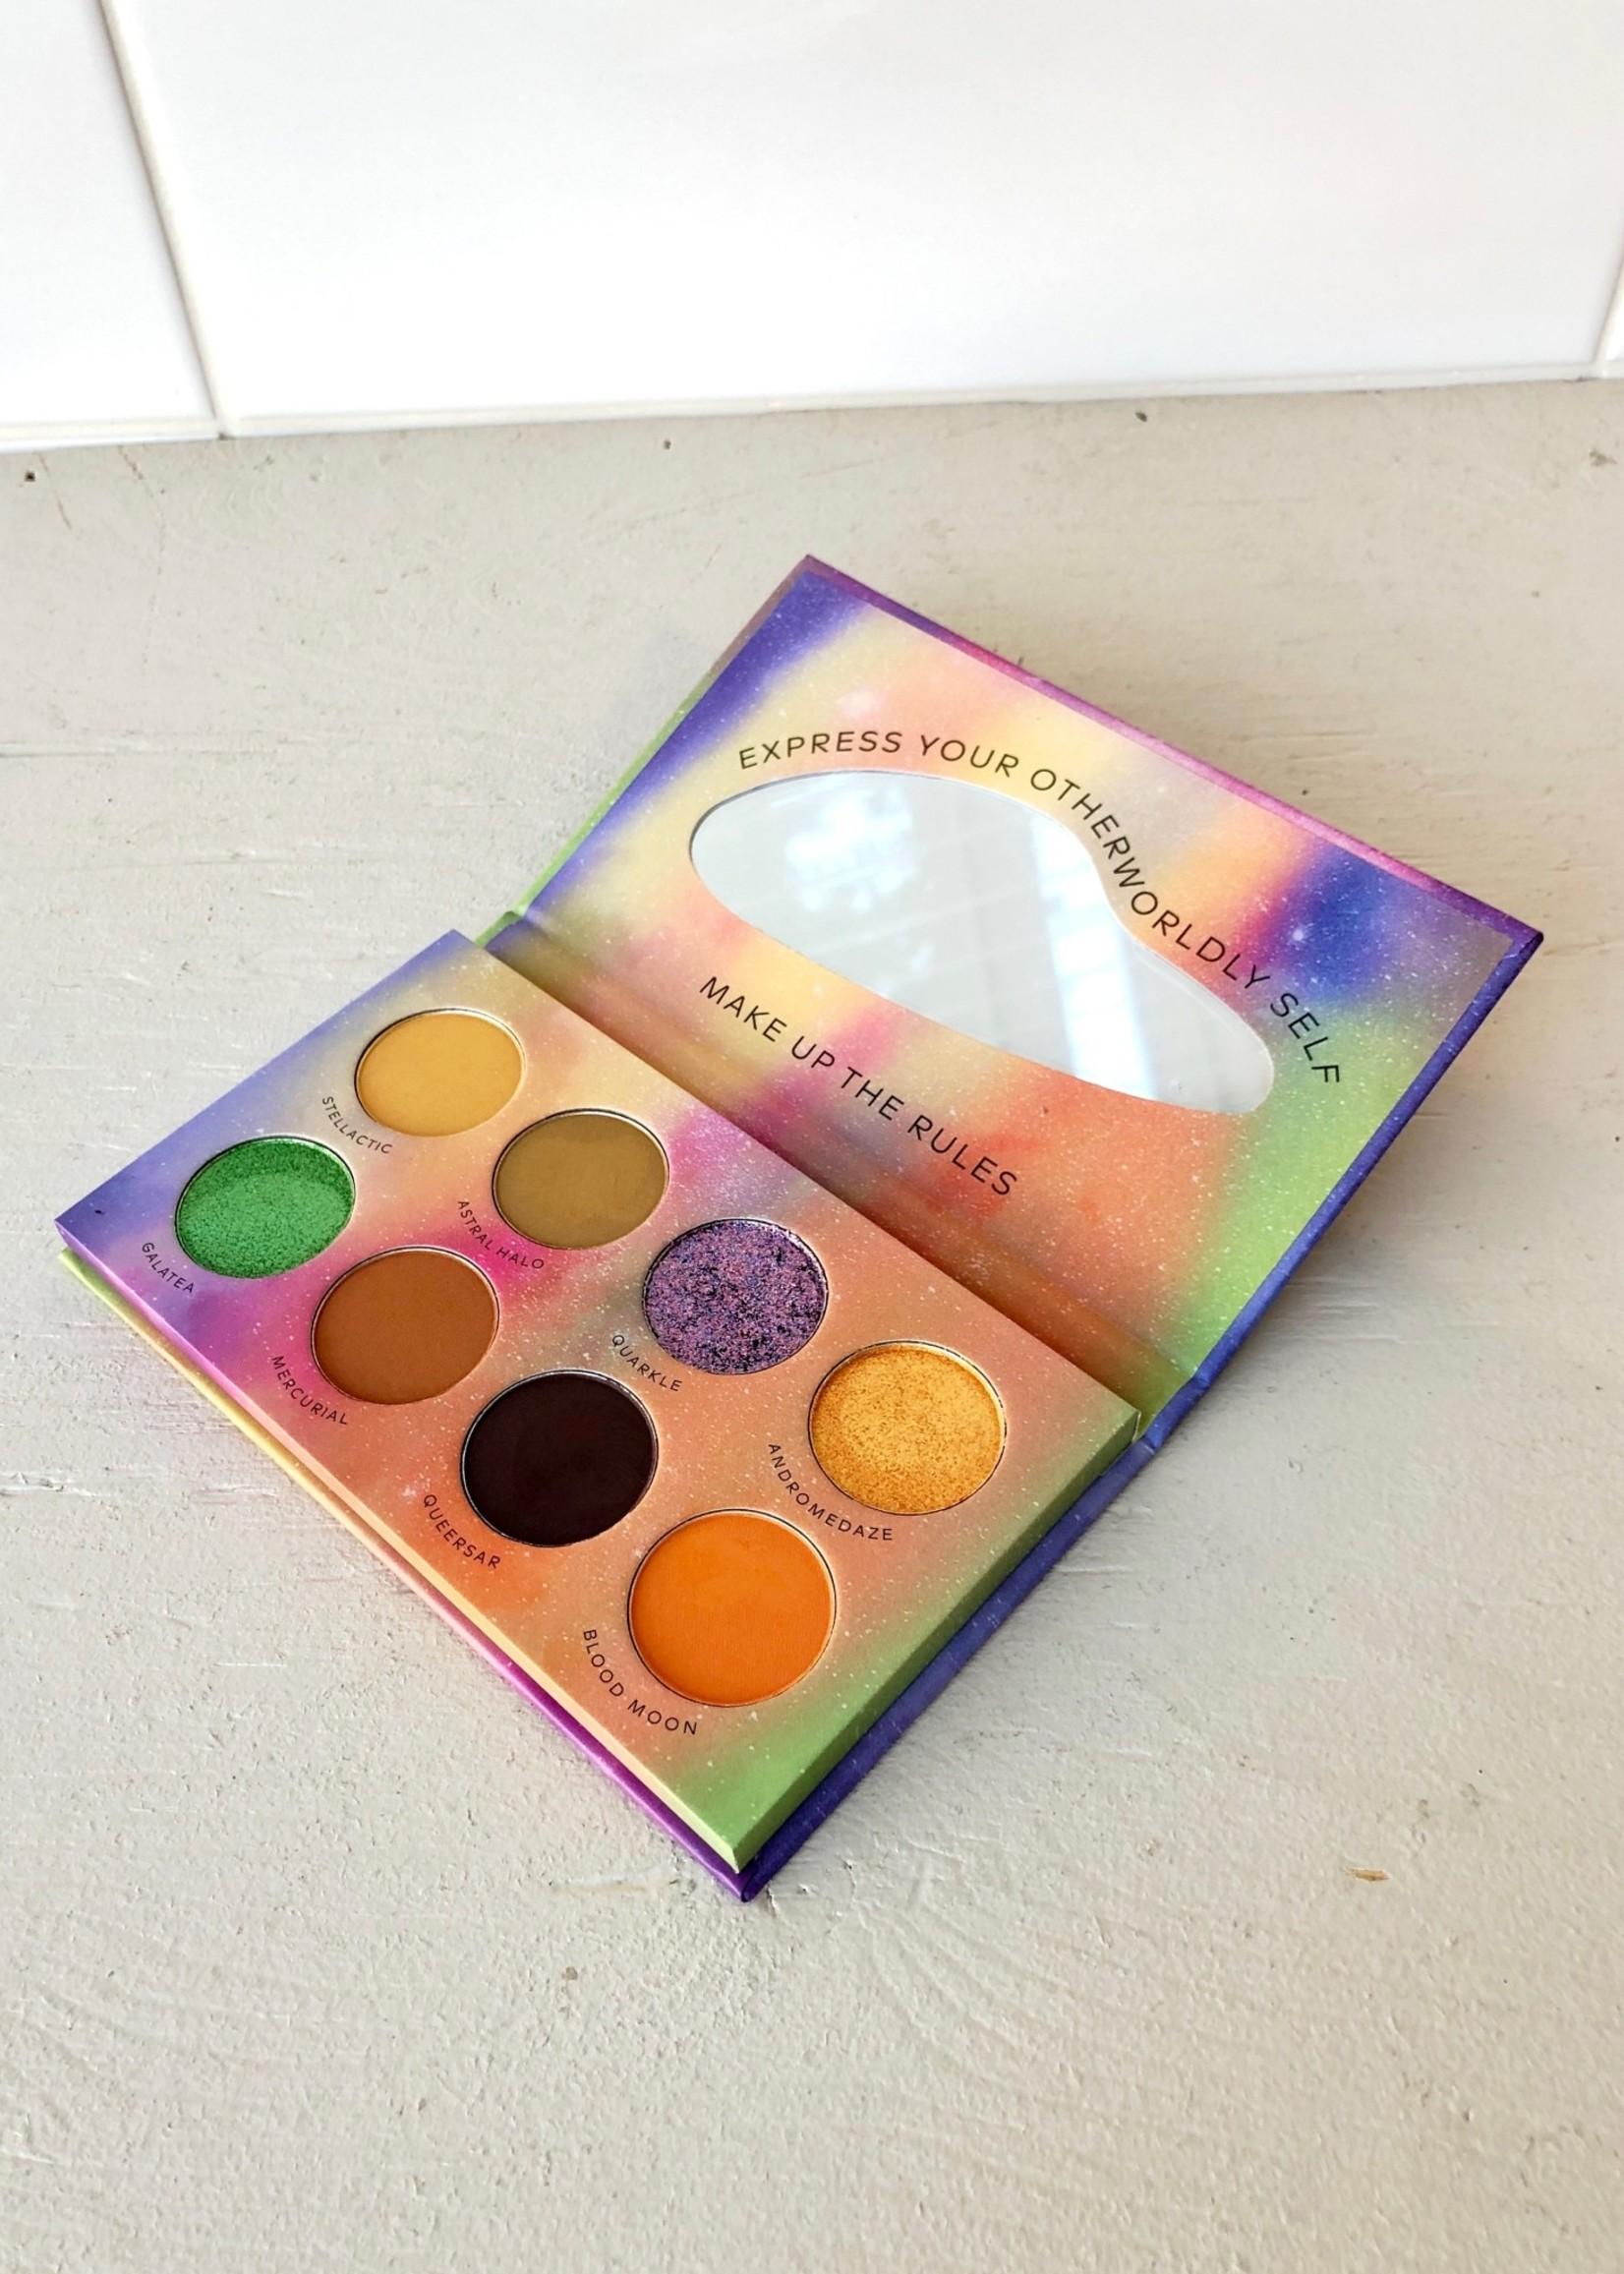 Fluide Beauty Otherworldly Eyeshadow Palette by Fluide